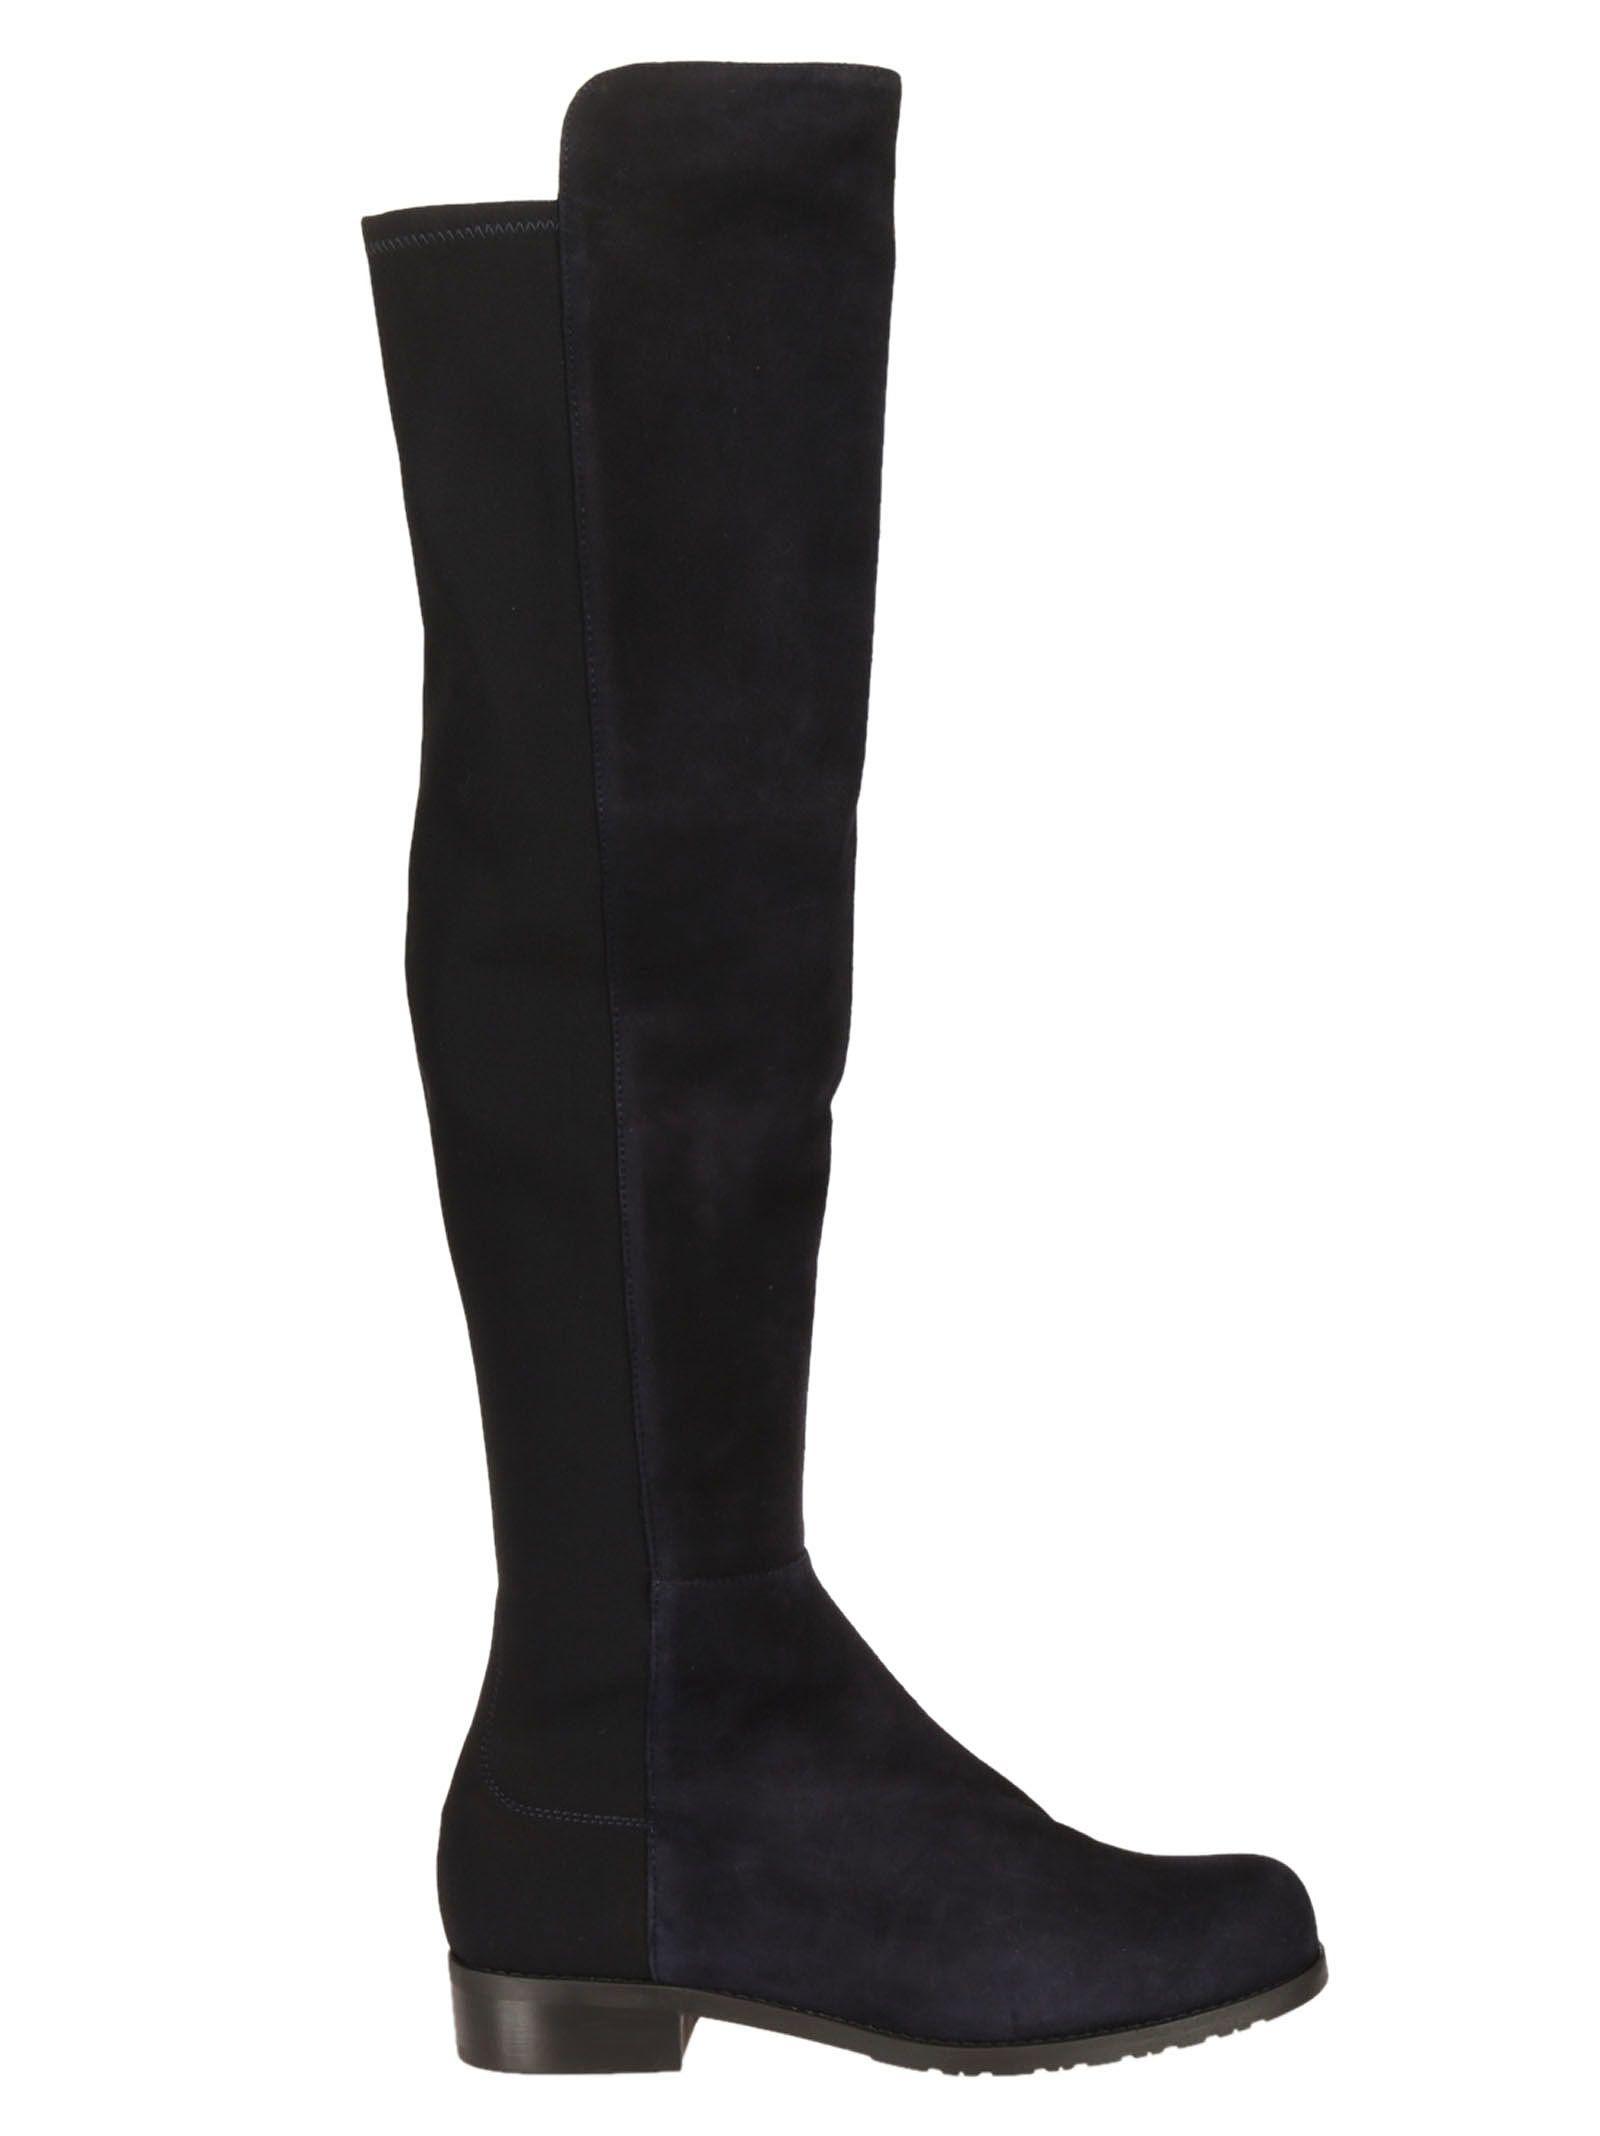 Stuart Weitzman Contrast Front Over-The-Knee Boots